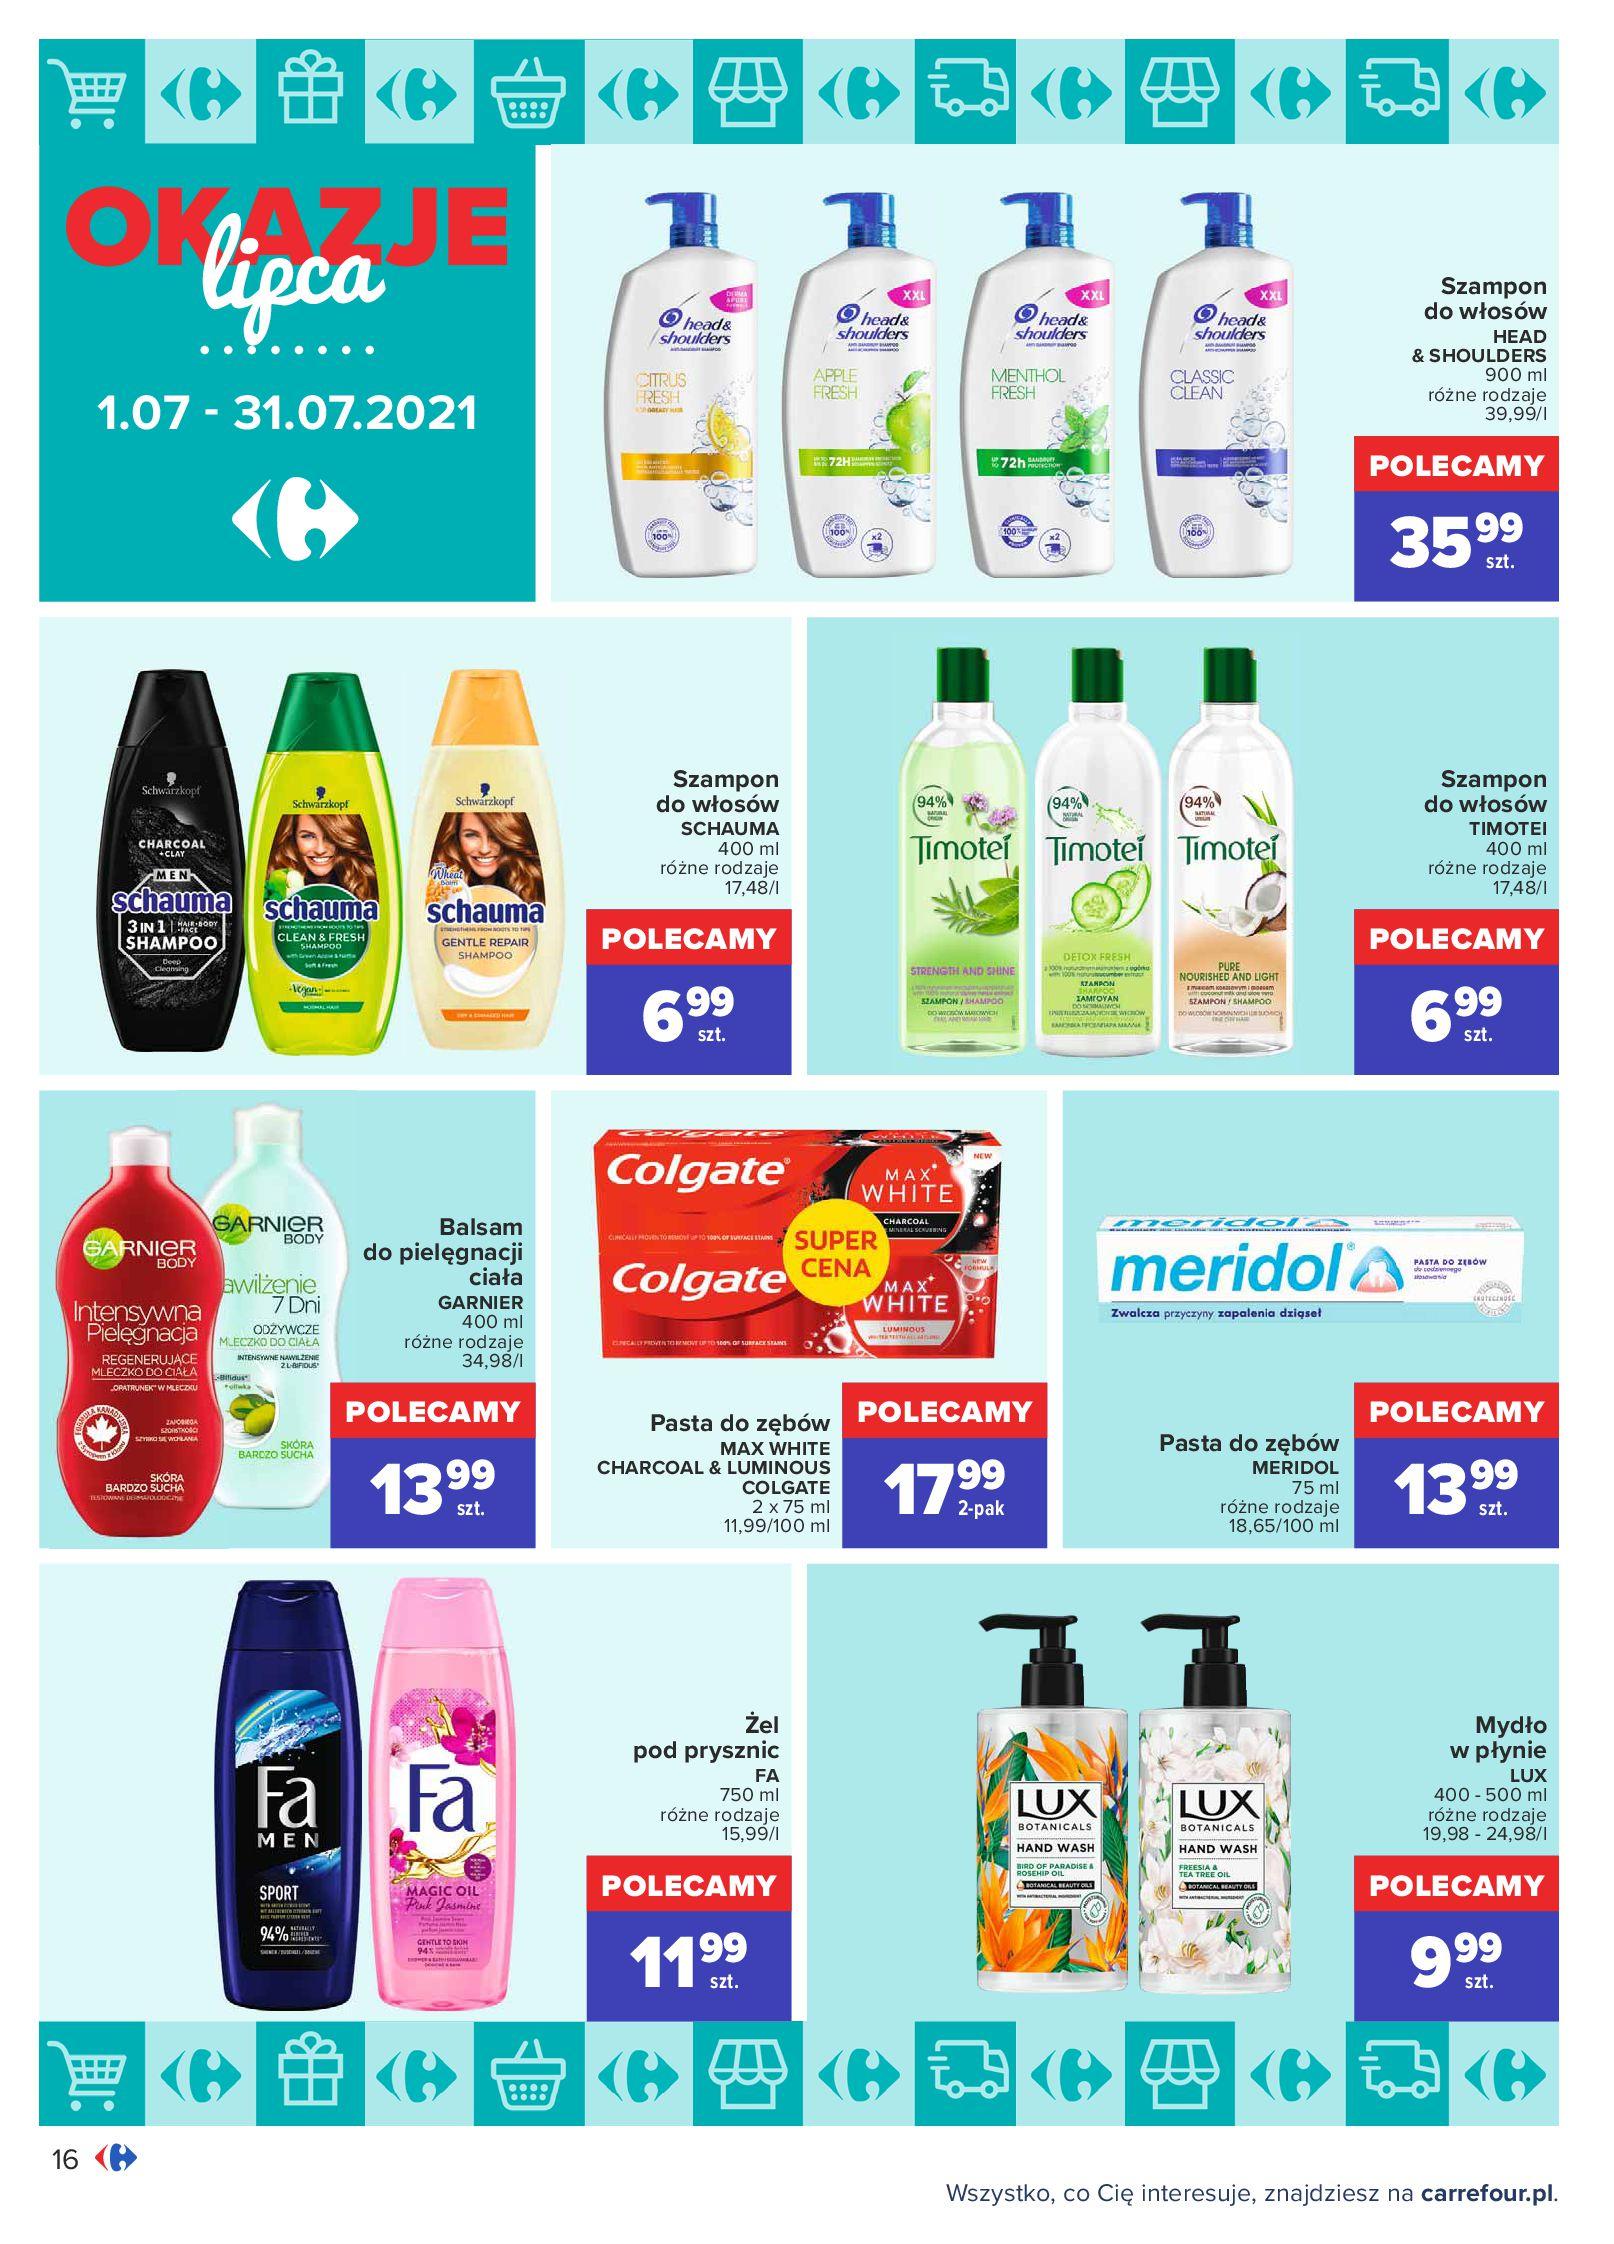 Gazetka Carrefour: Gazetka Carrefour - Okazje lipca 2021-07-01 page-16